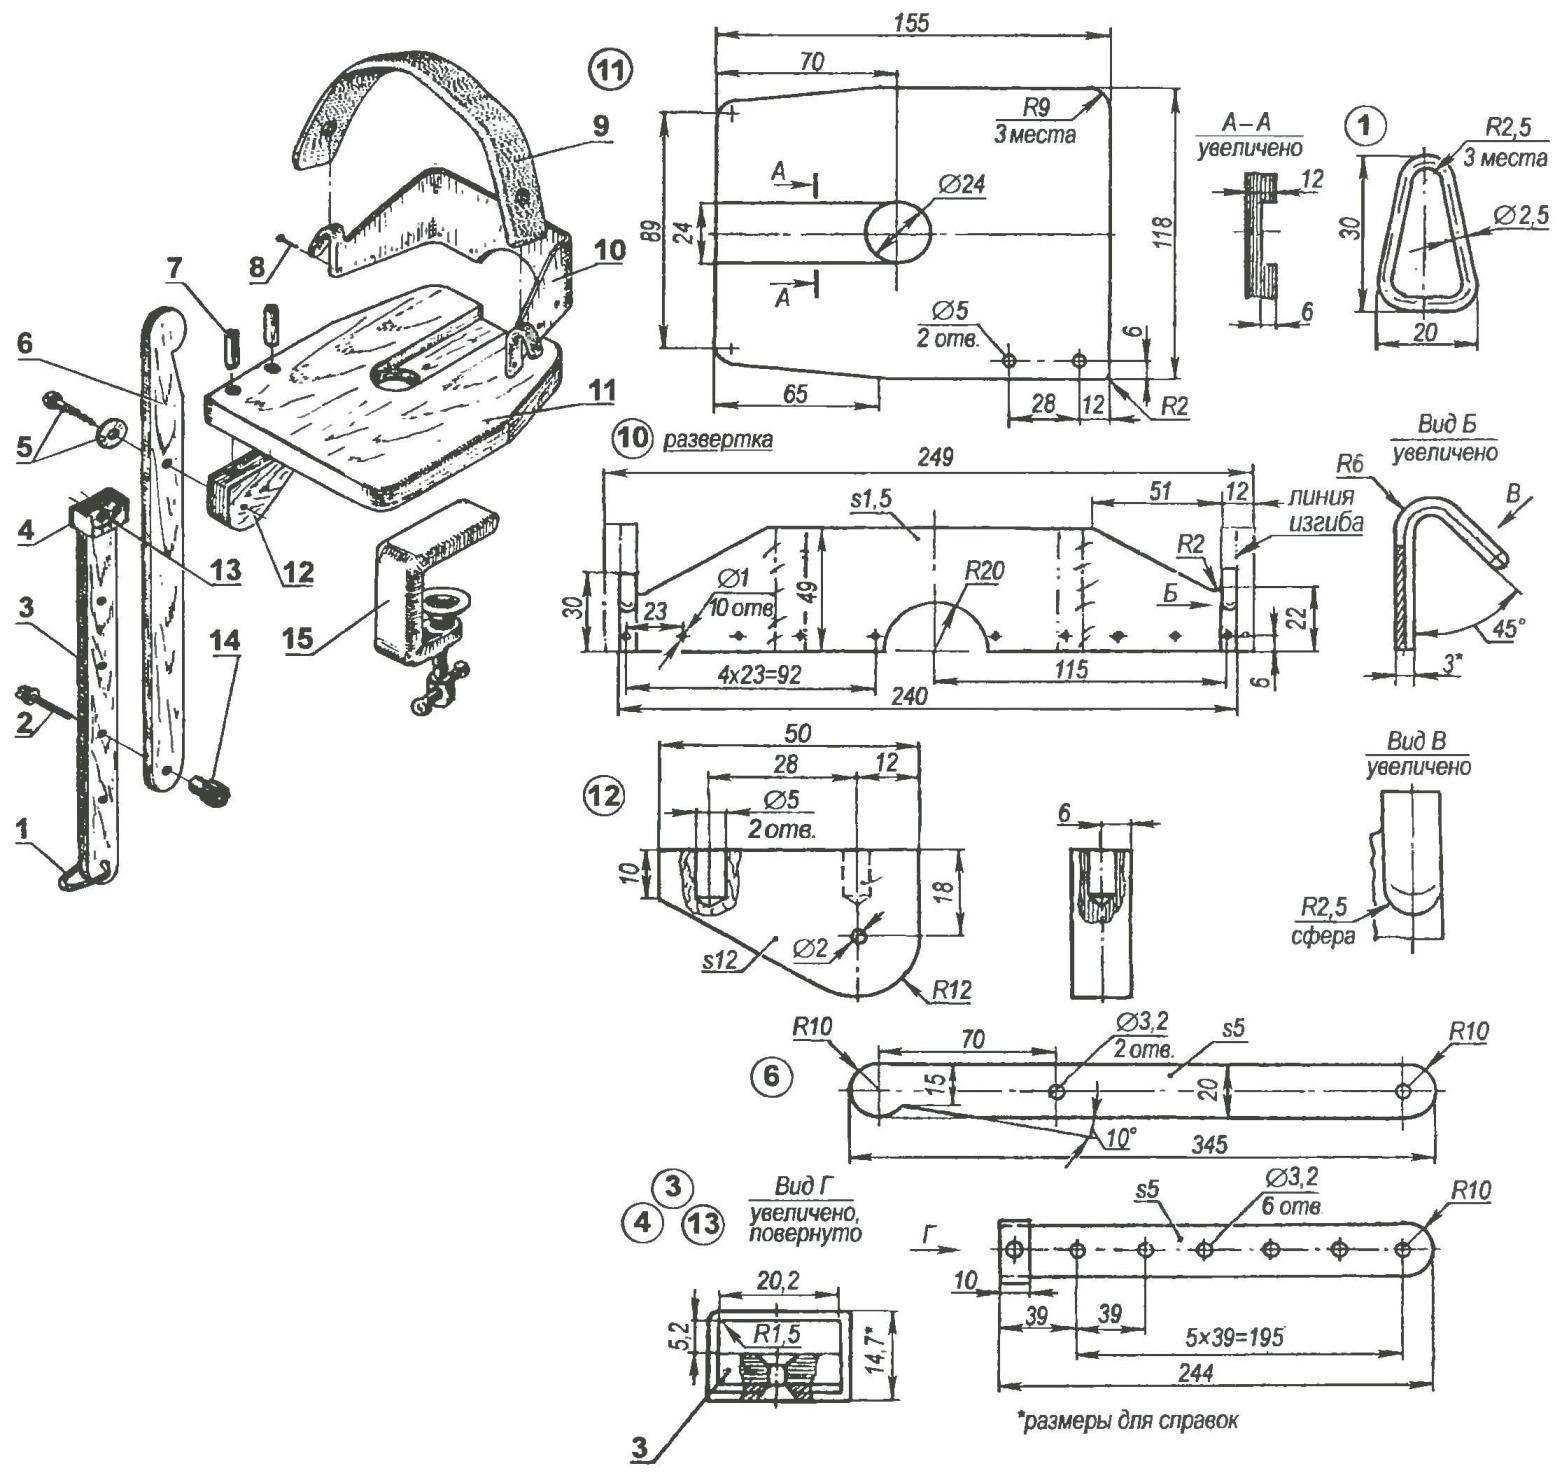 Приспособление дли самофотосъемки фотокамерой «Polaroid-636» (члененный чертеж)